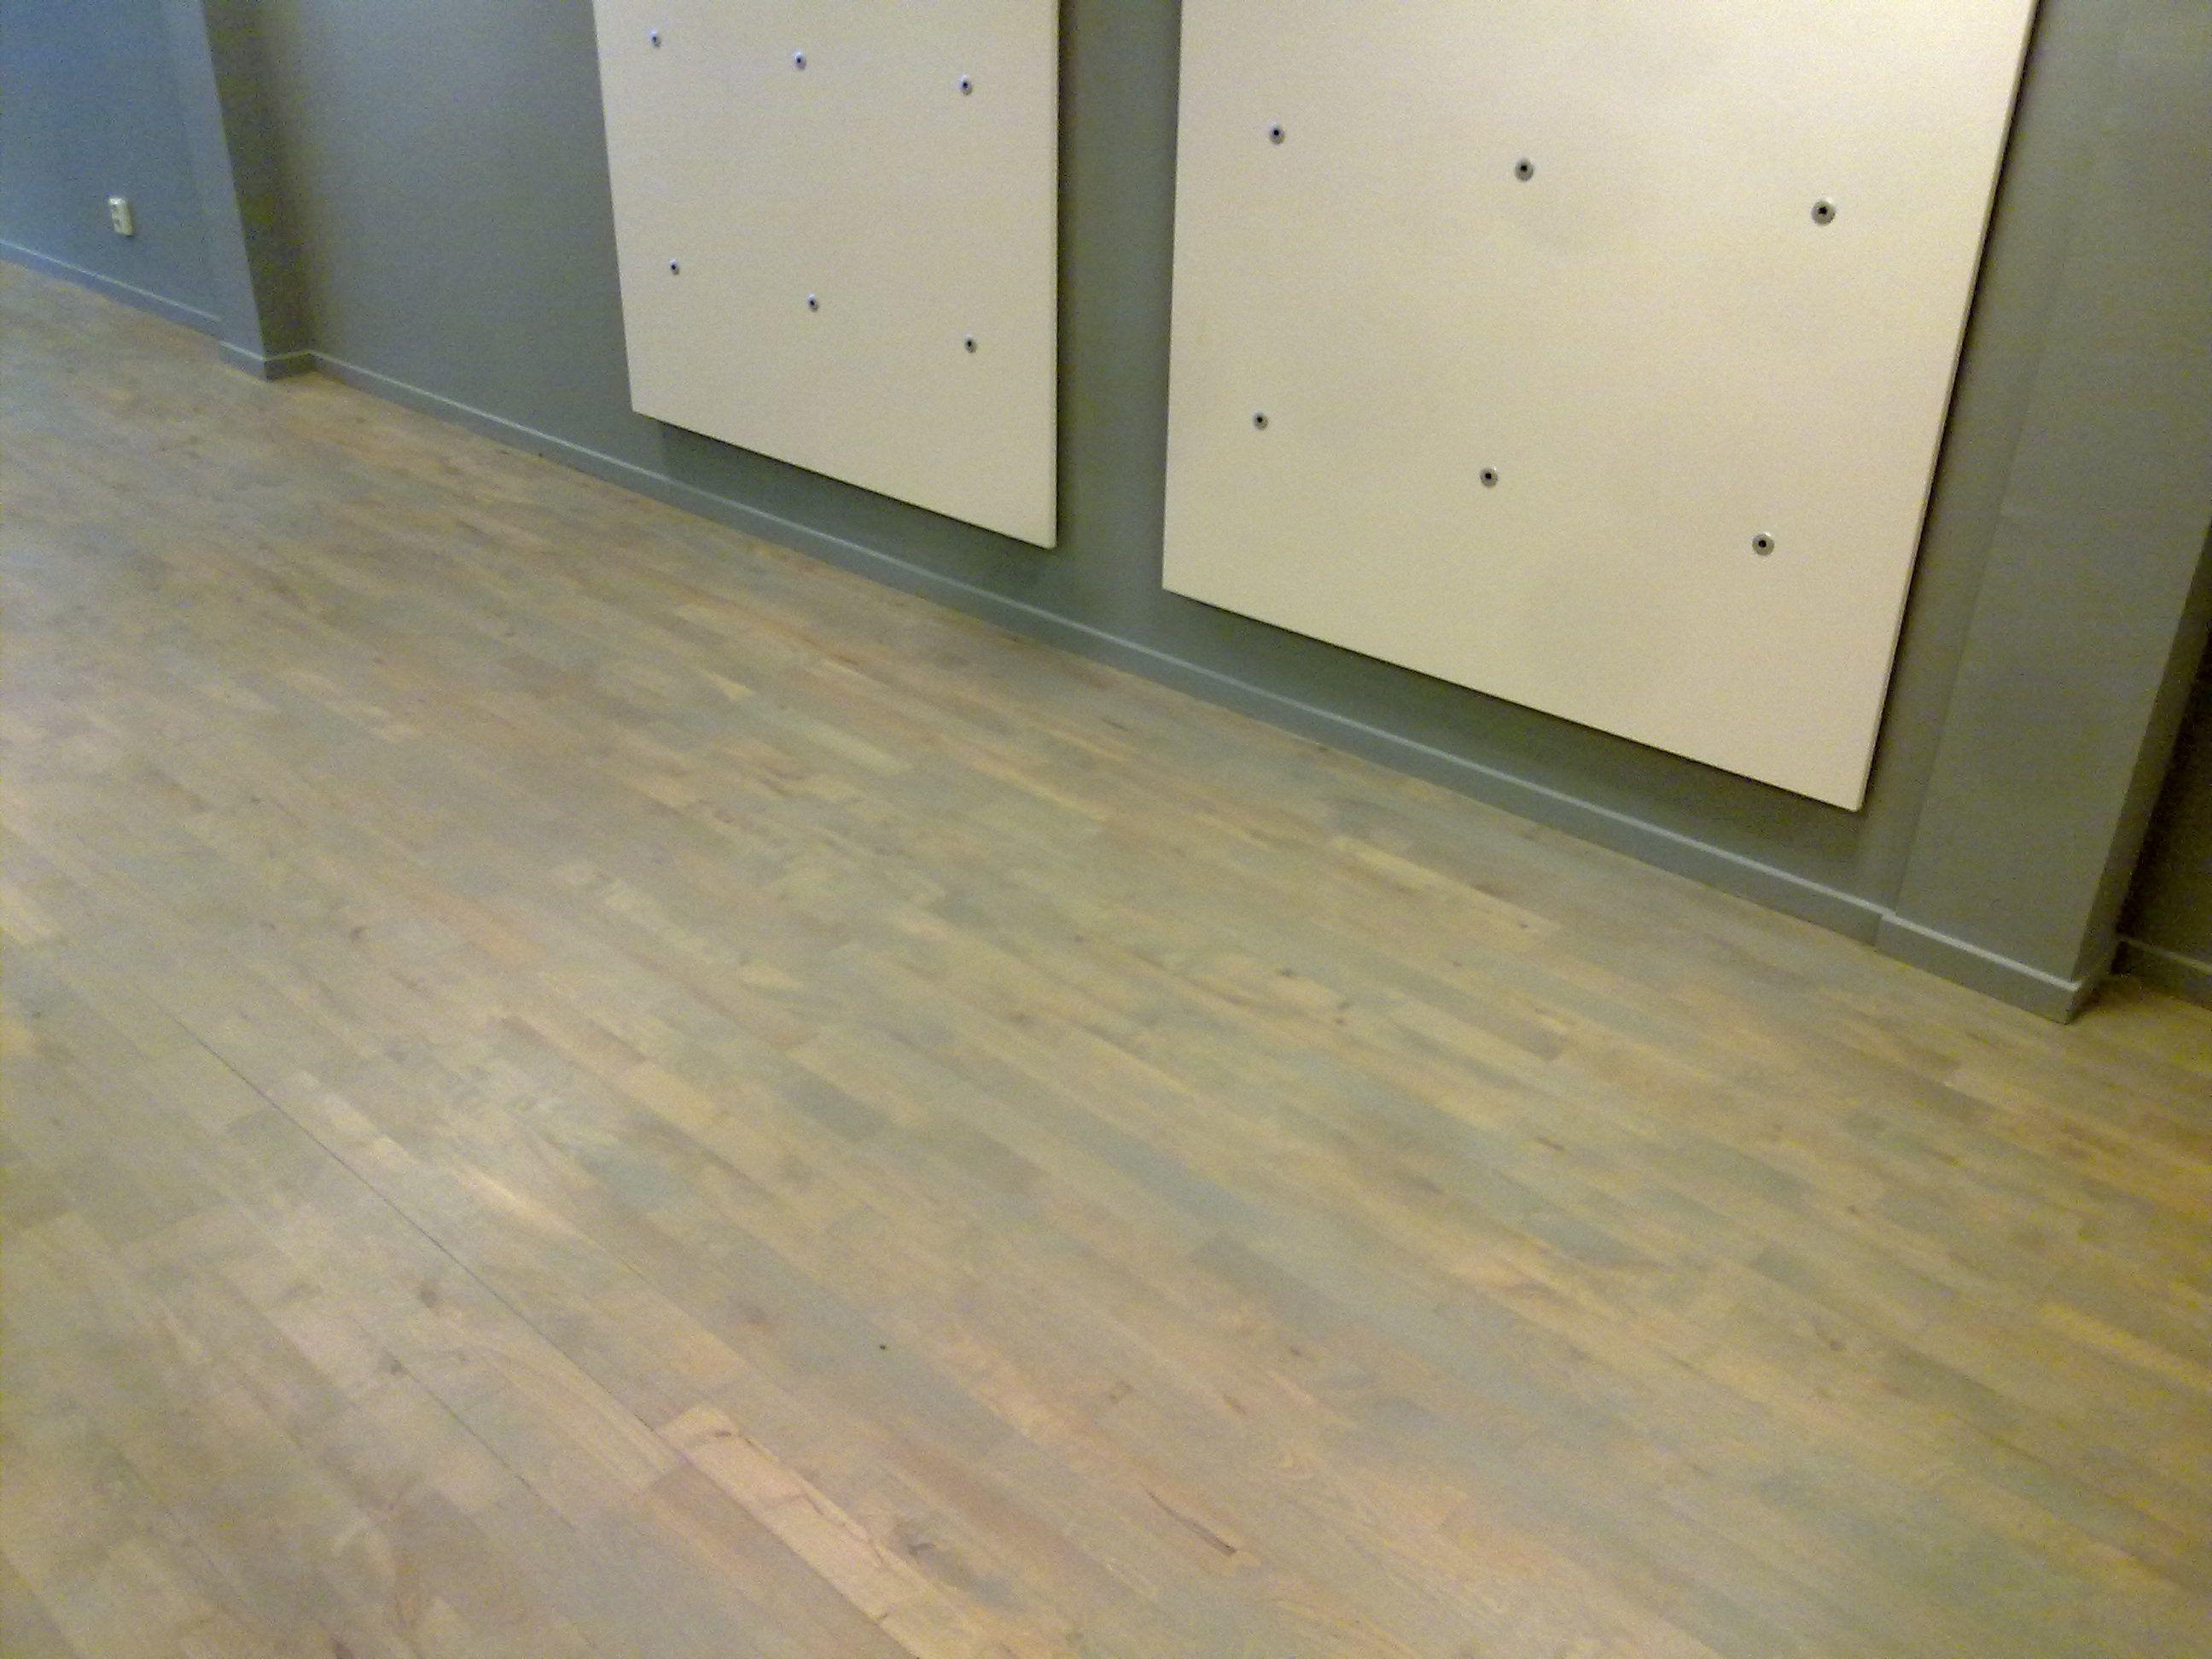 junkers beuken parketvloer afgewerkt met grijze olie trap